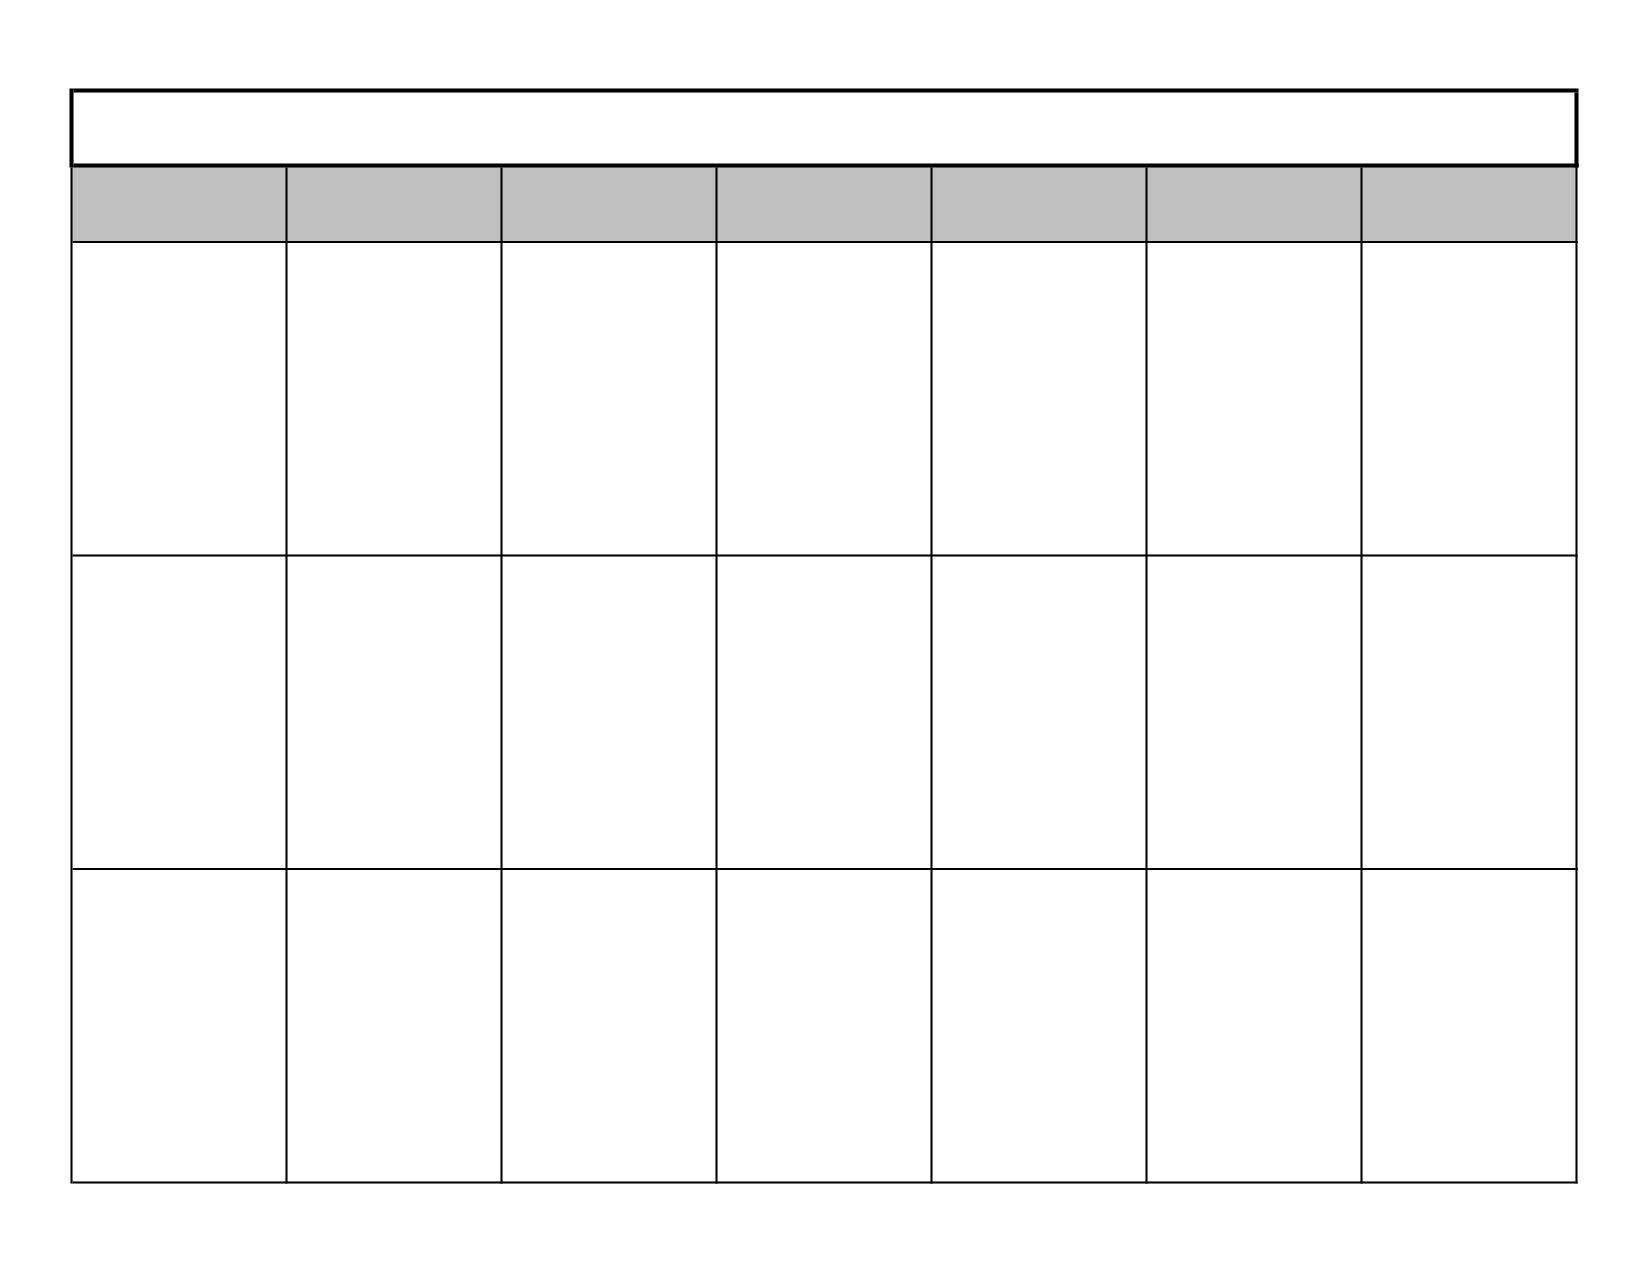 2 Week Schedule Template Printable | Calendar Template 2 Week Schedule Template